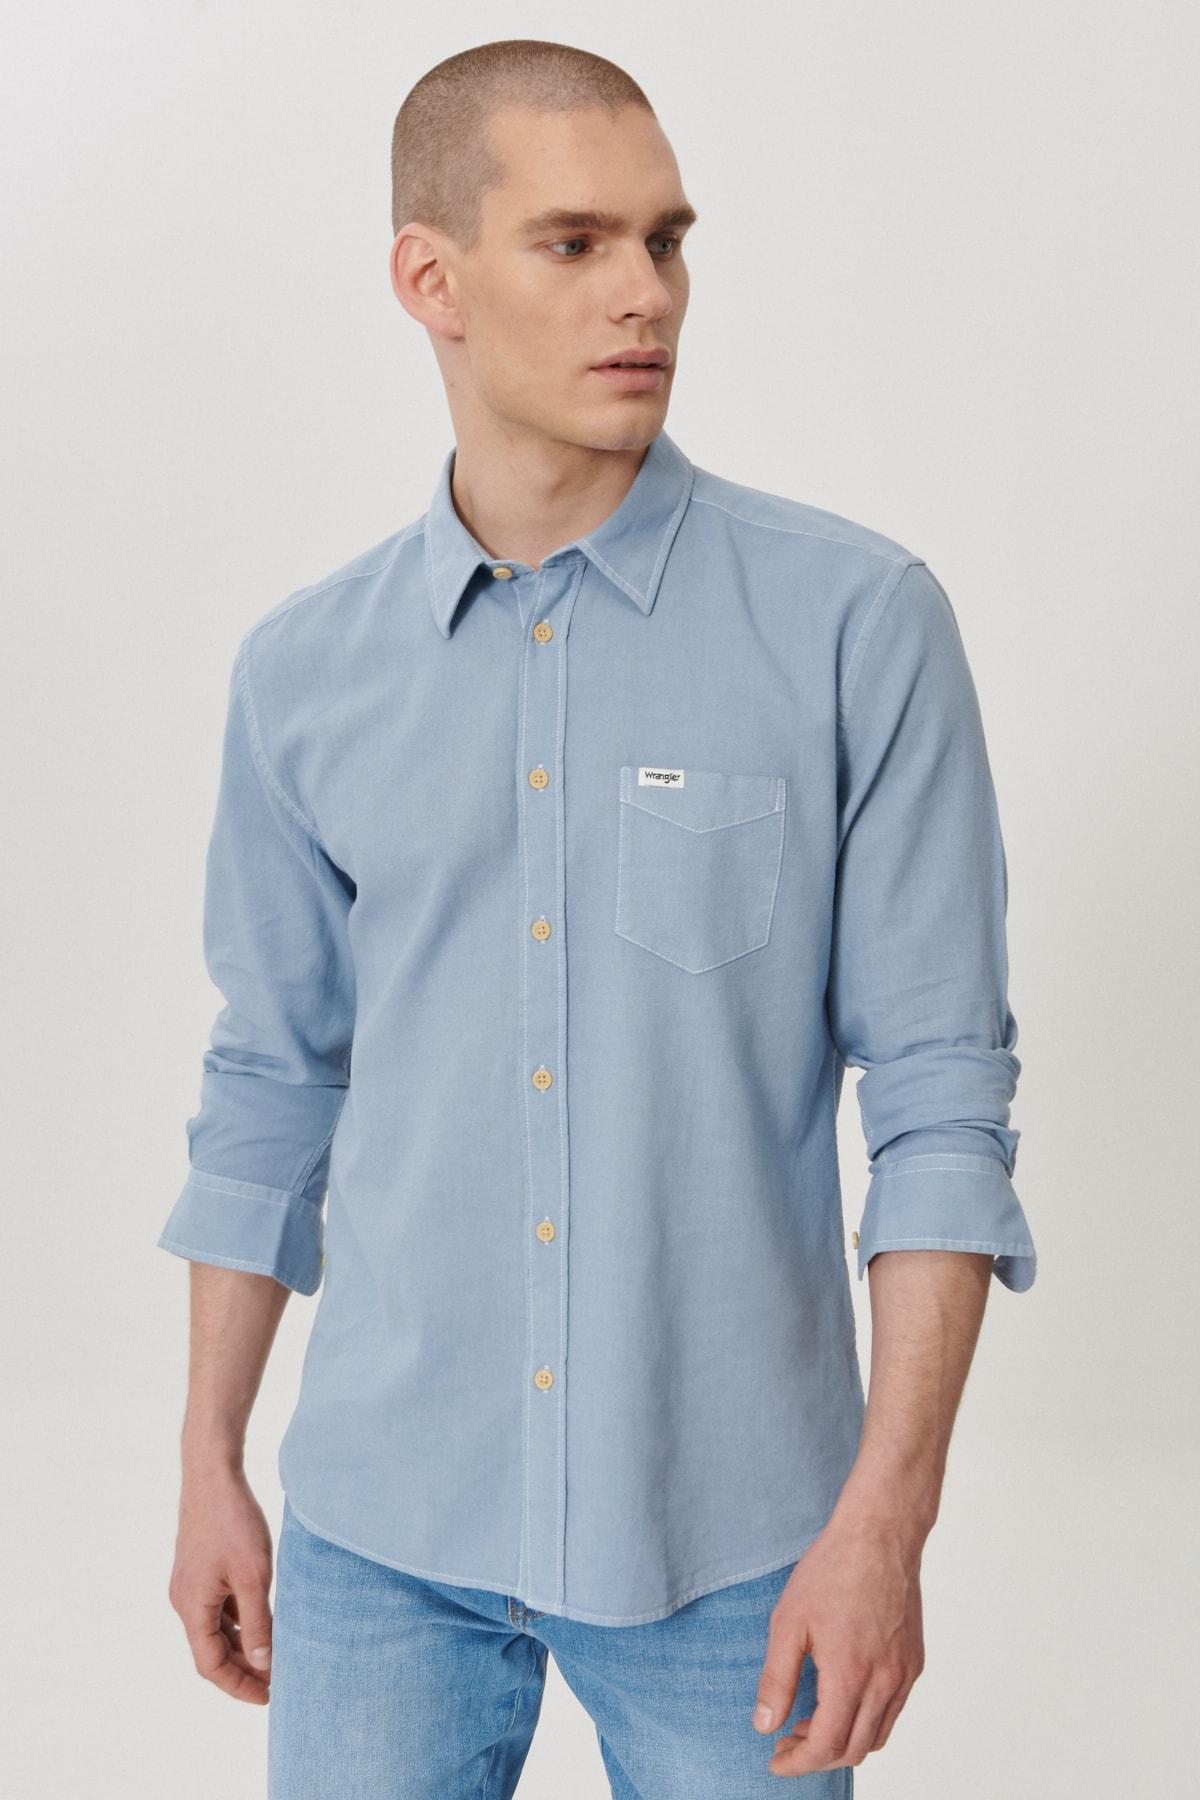 WRANGLER Erkek İndigo Regular Fit Düğmeli Yaka Uzun Kol Gömlek